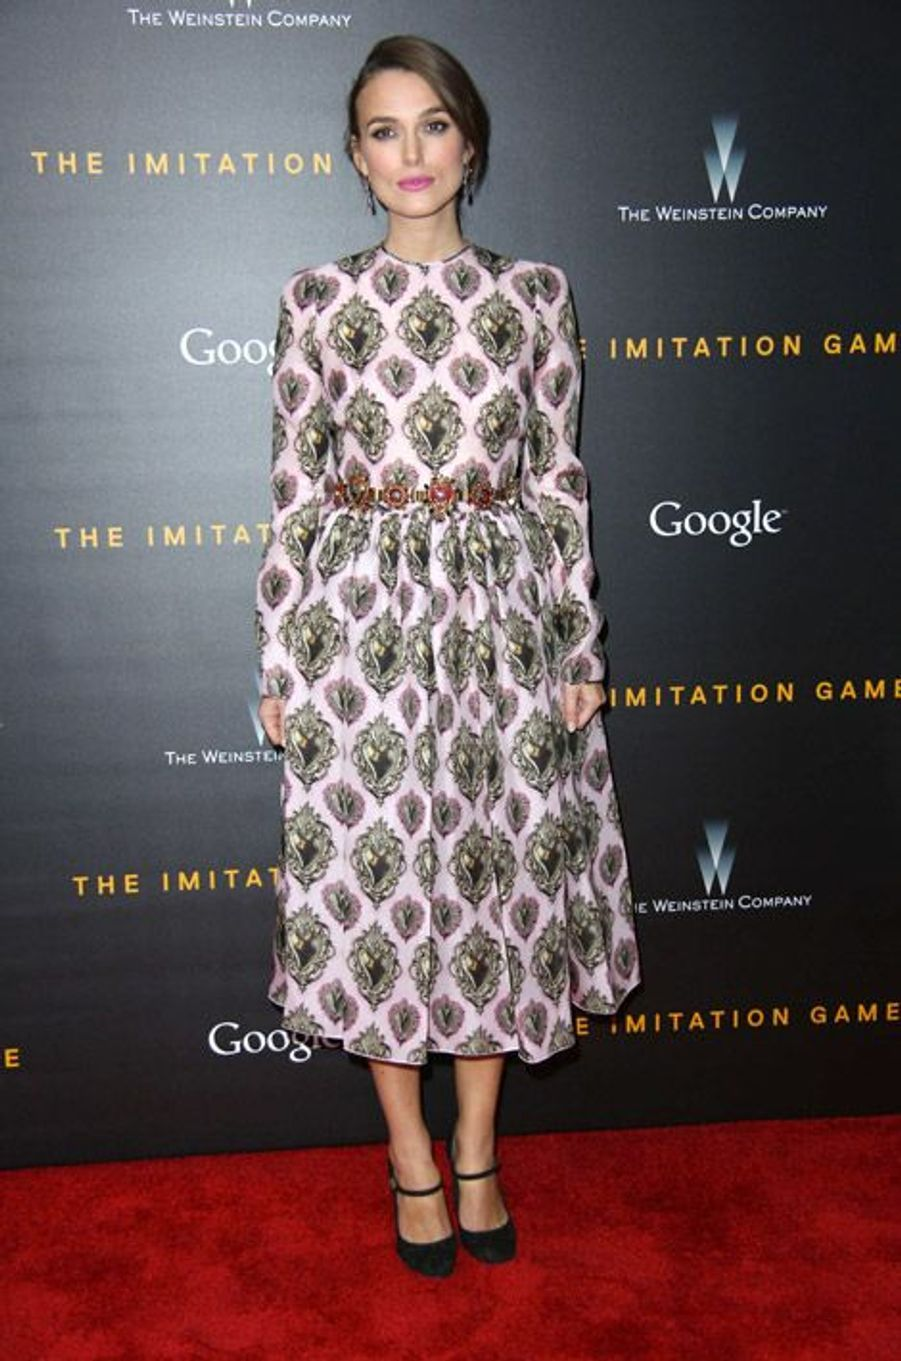 """L'actrice Keira Knightley en Dolce & Gabbana lors de la première du film """"The Imitation Game"""" à New York, le 17 novembre 2014"""